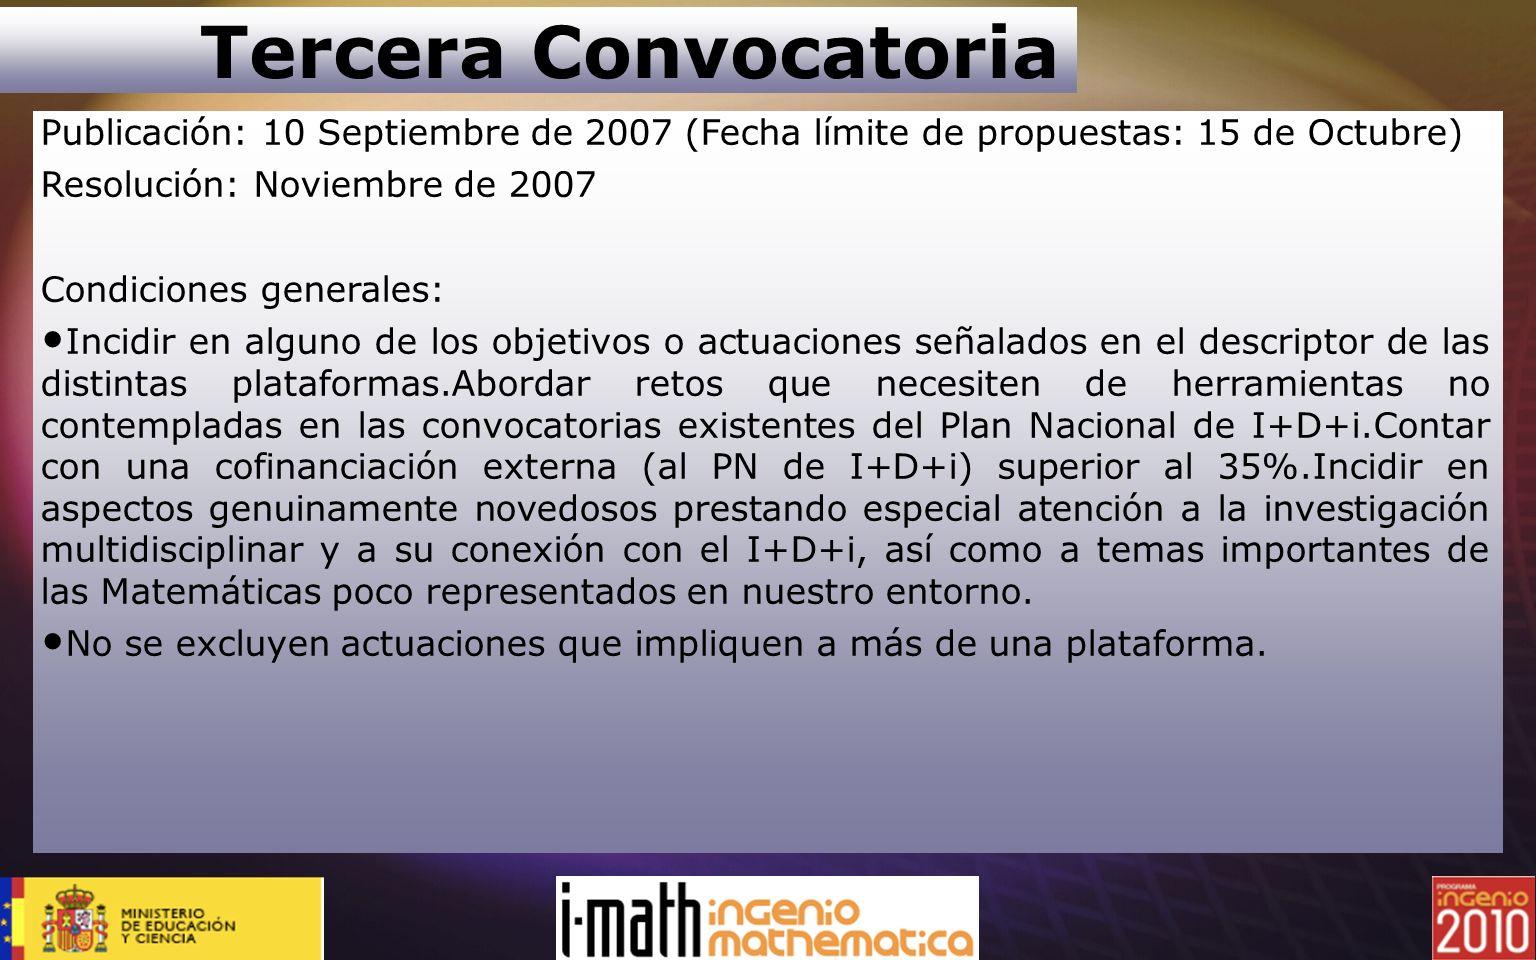 Tercera Convocatoria Publicación: 10 Septiembre de 2007 (Fecha límite de propuestas: 15 de Octubre)